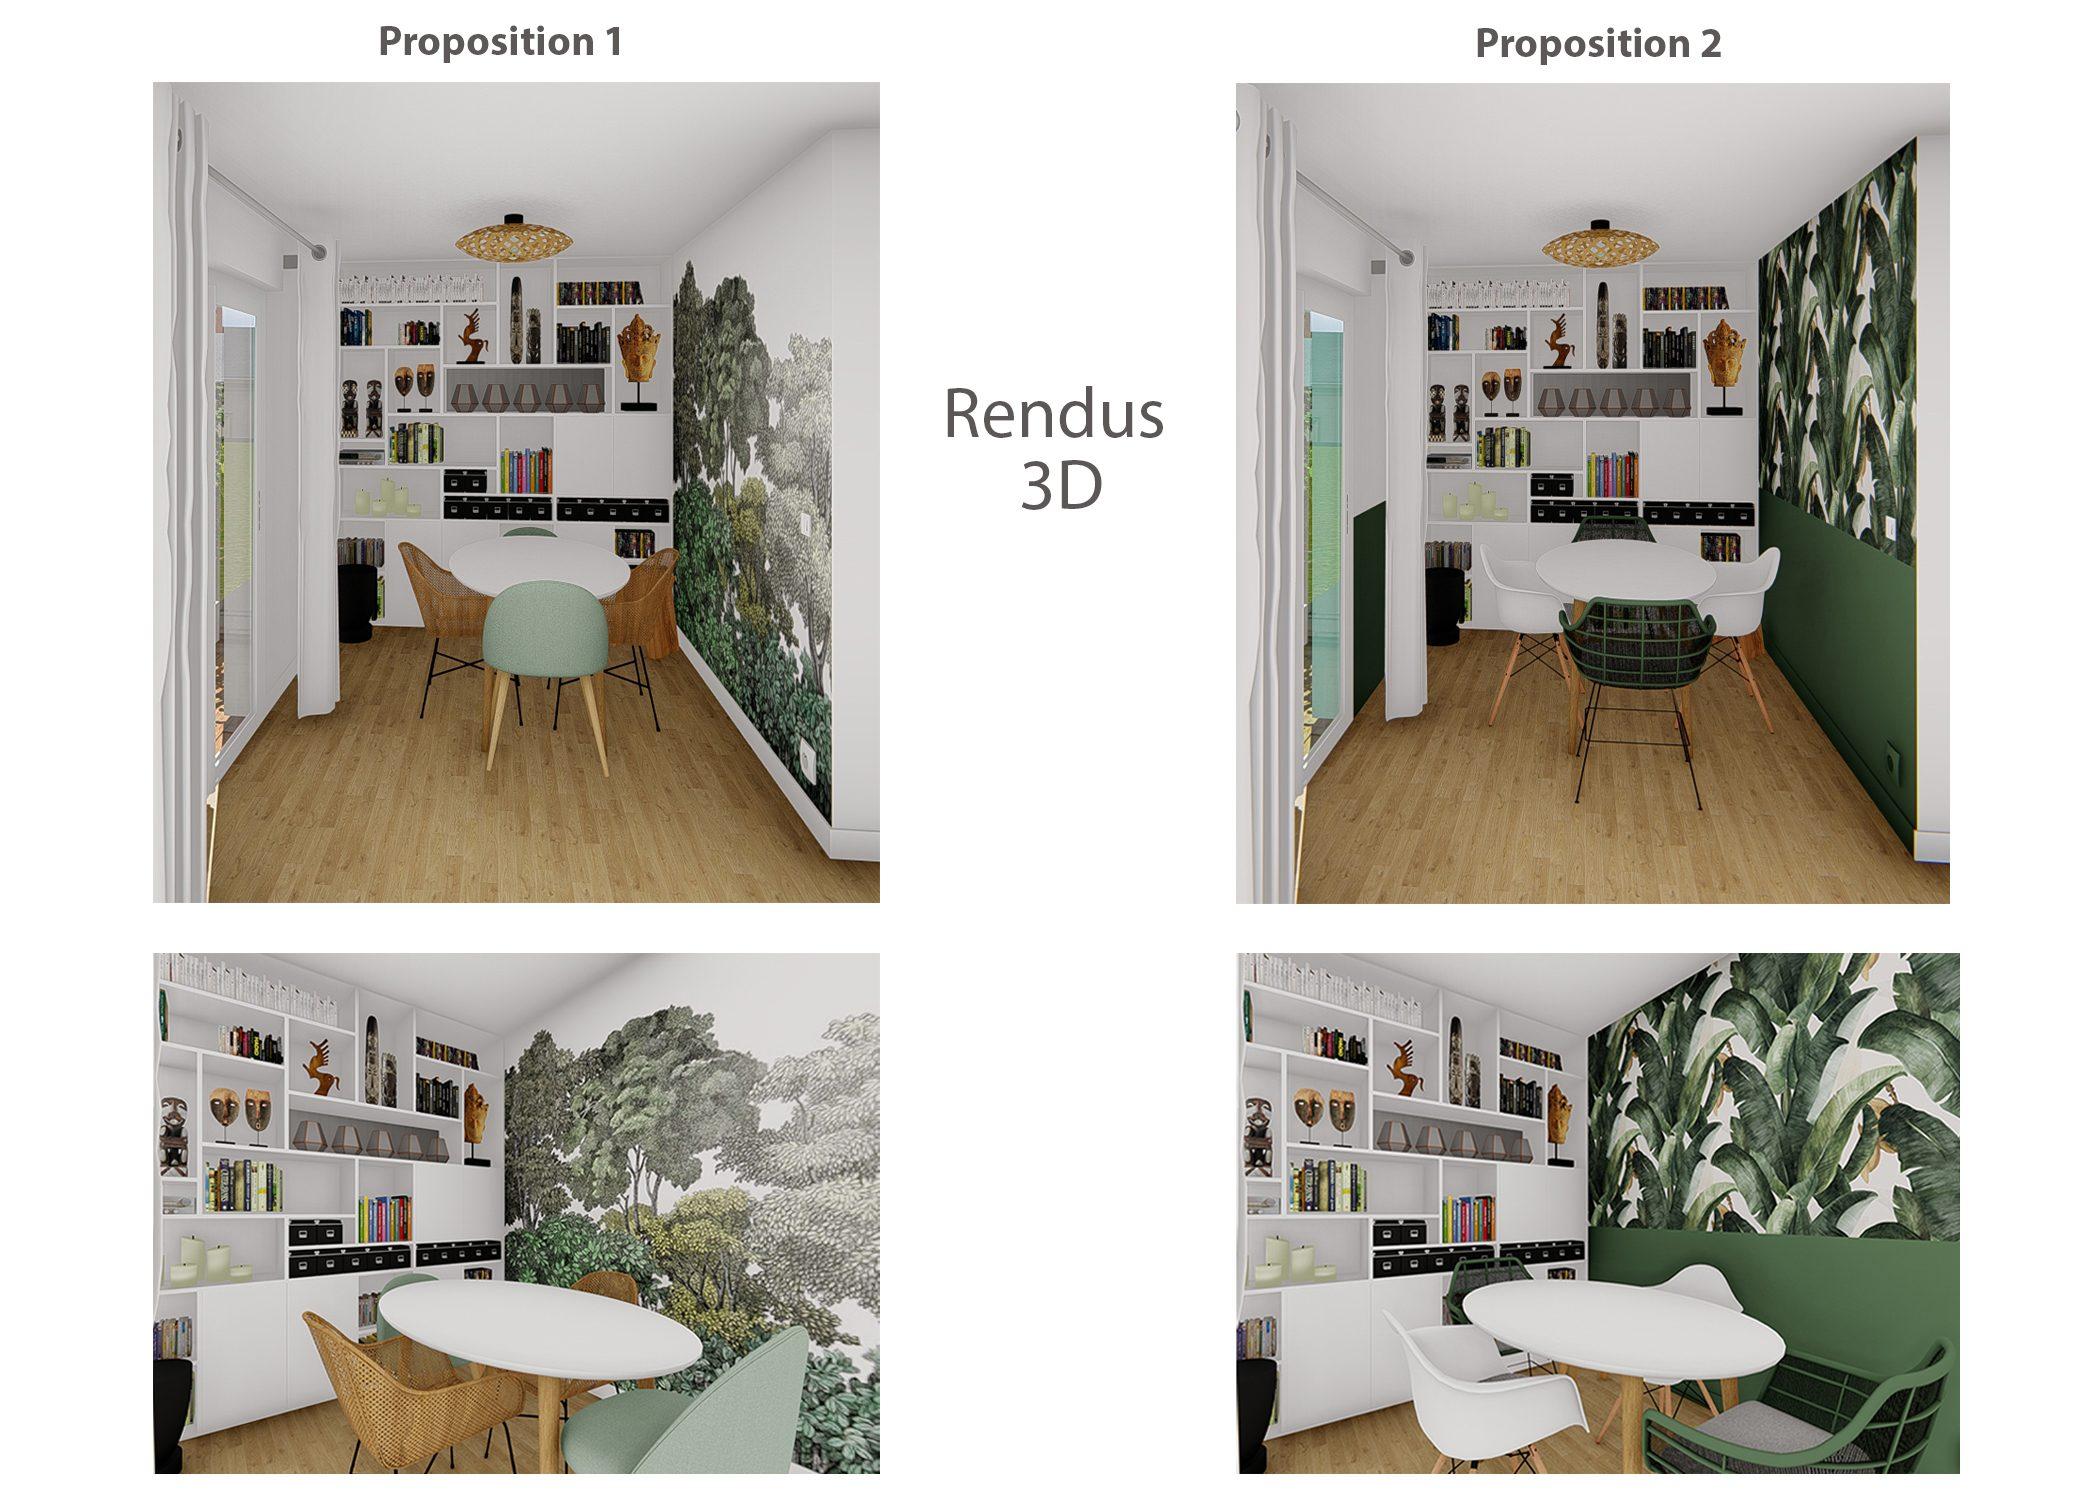 decoration-salle à manger-rendus 3d-paris-dekho design